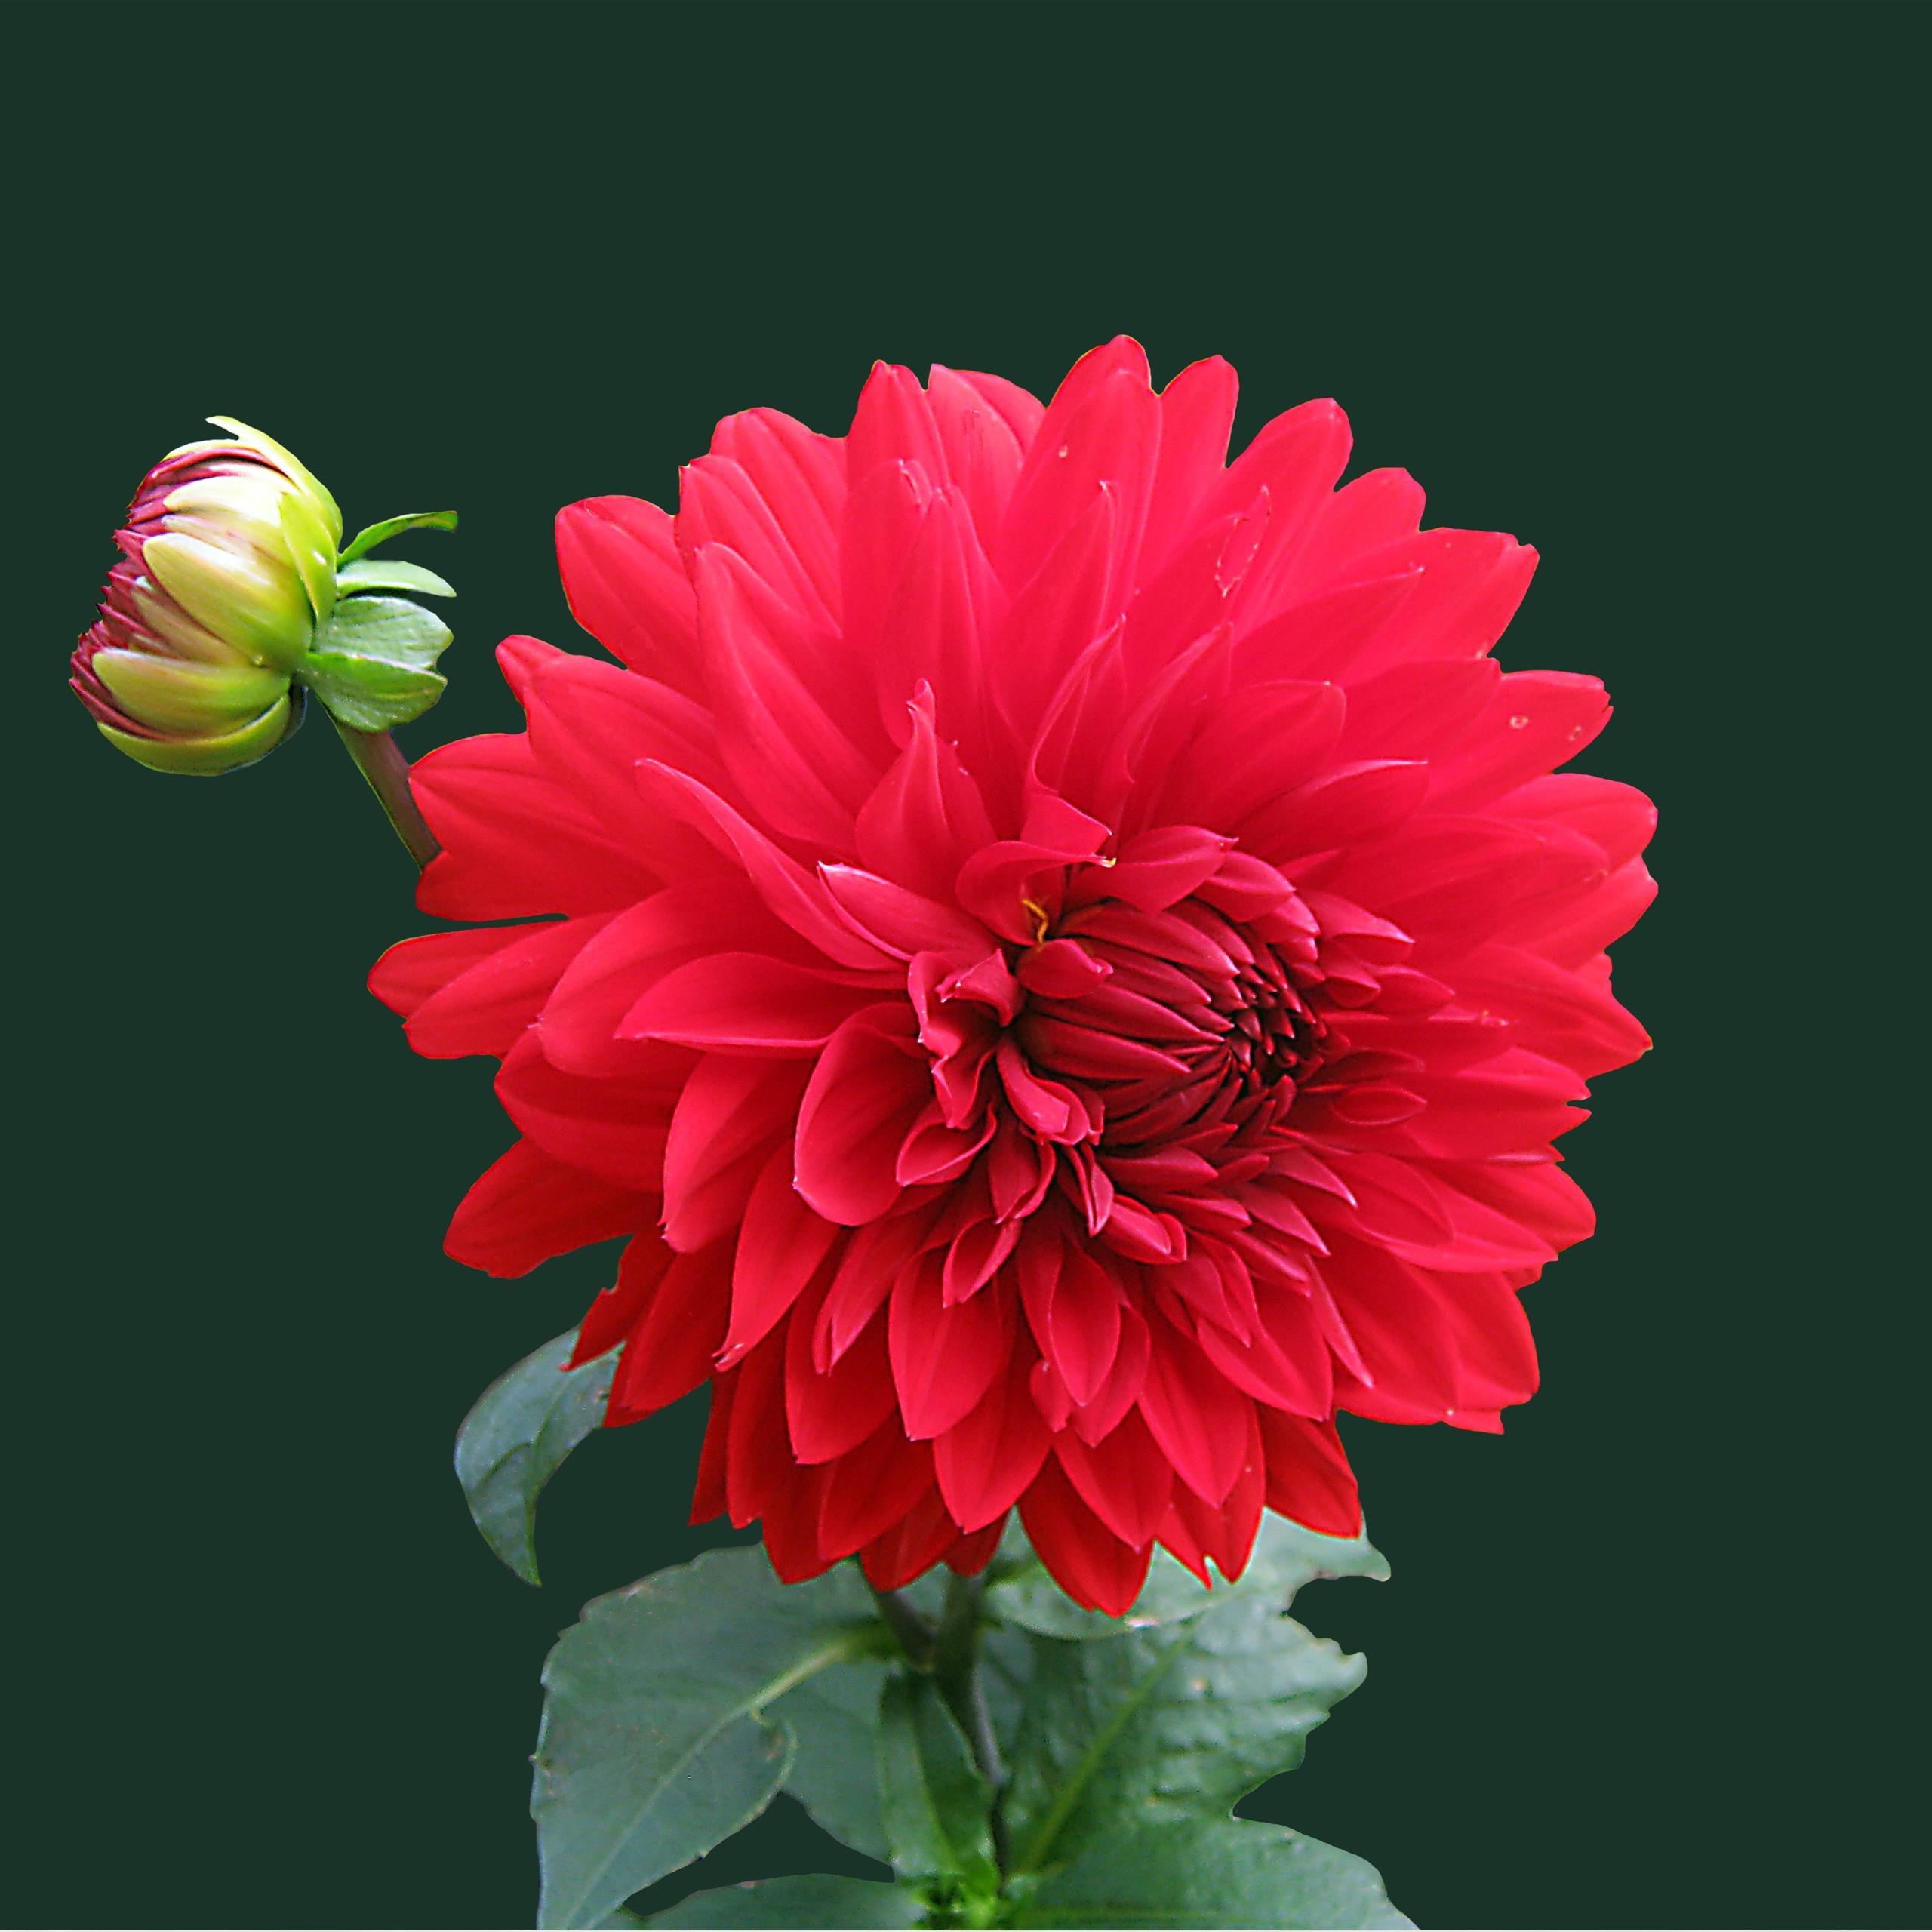 بالصور صور ورد طبيعي , اجمل الورود الطبيعيه باشكالها المختلفه 1054 9